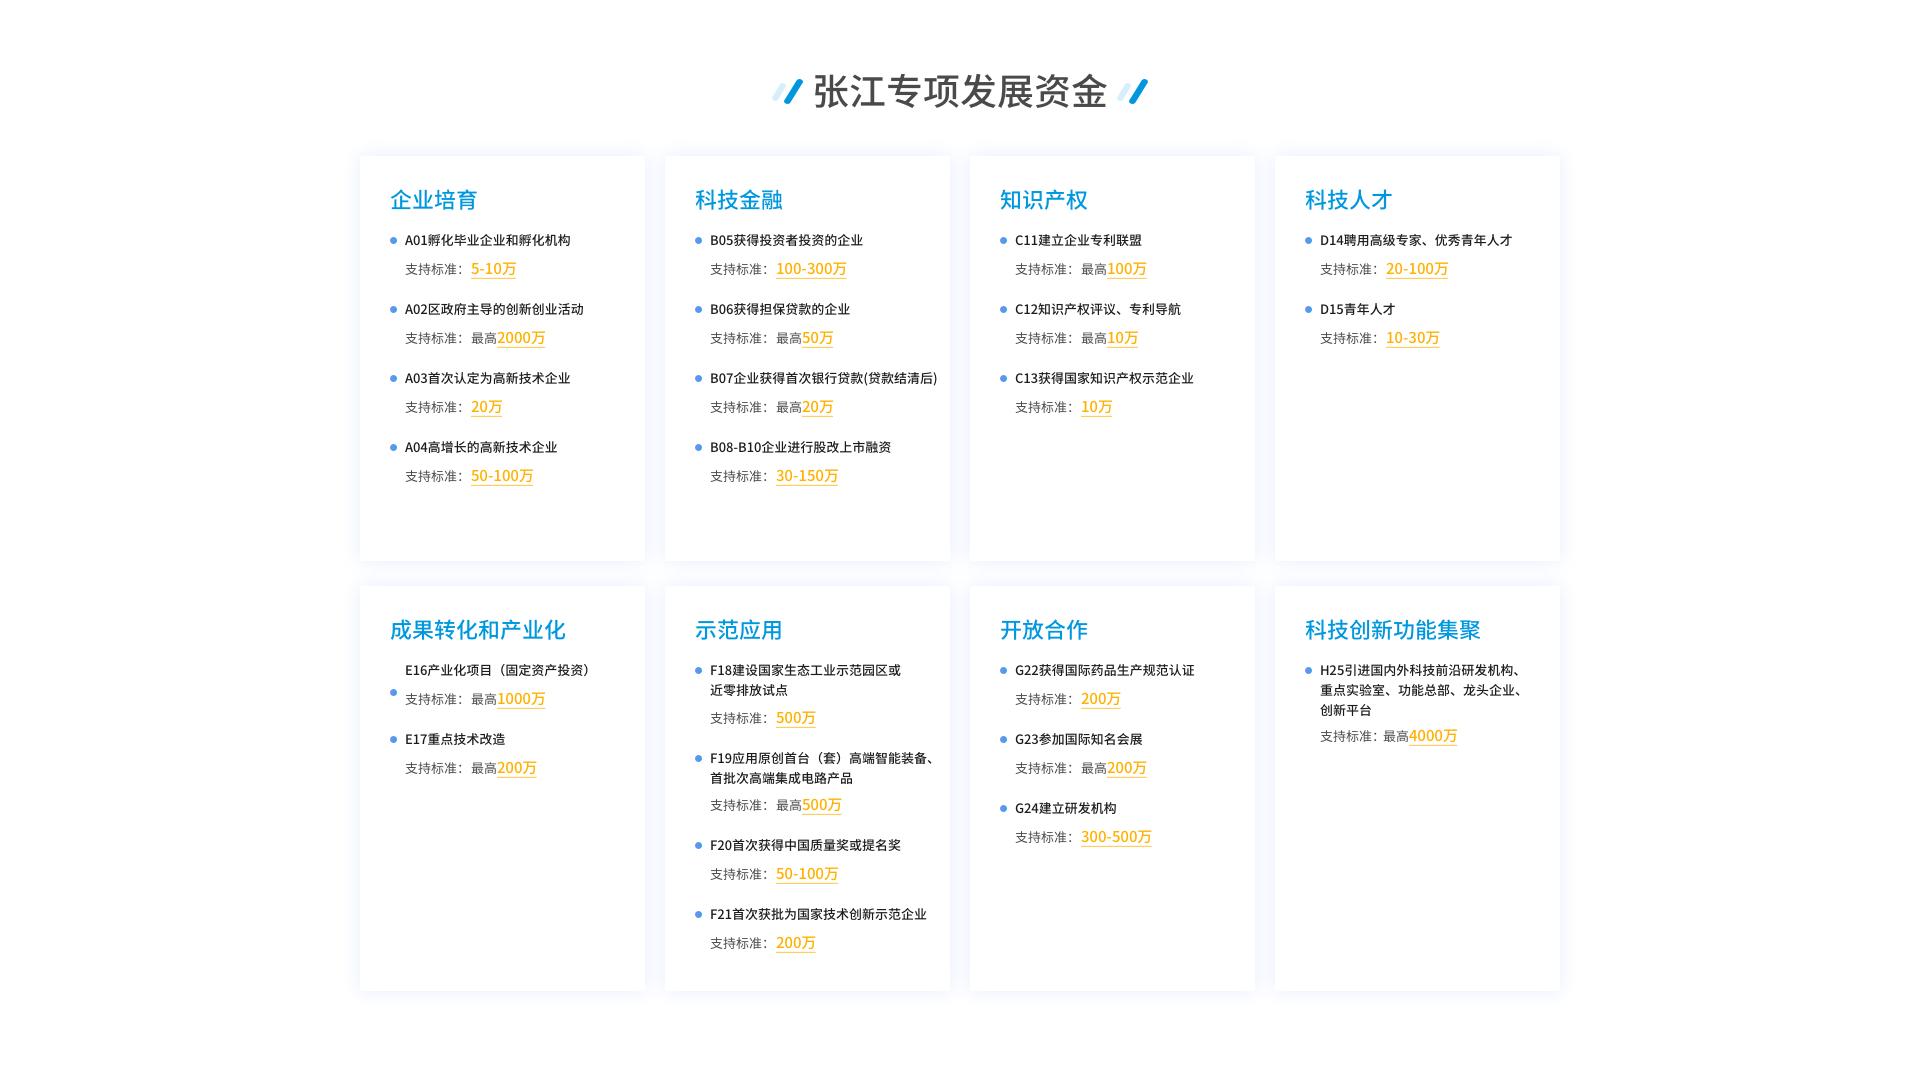 张江专项发展资金支持列举